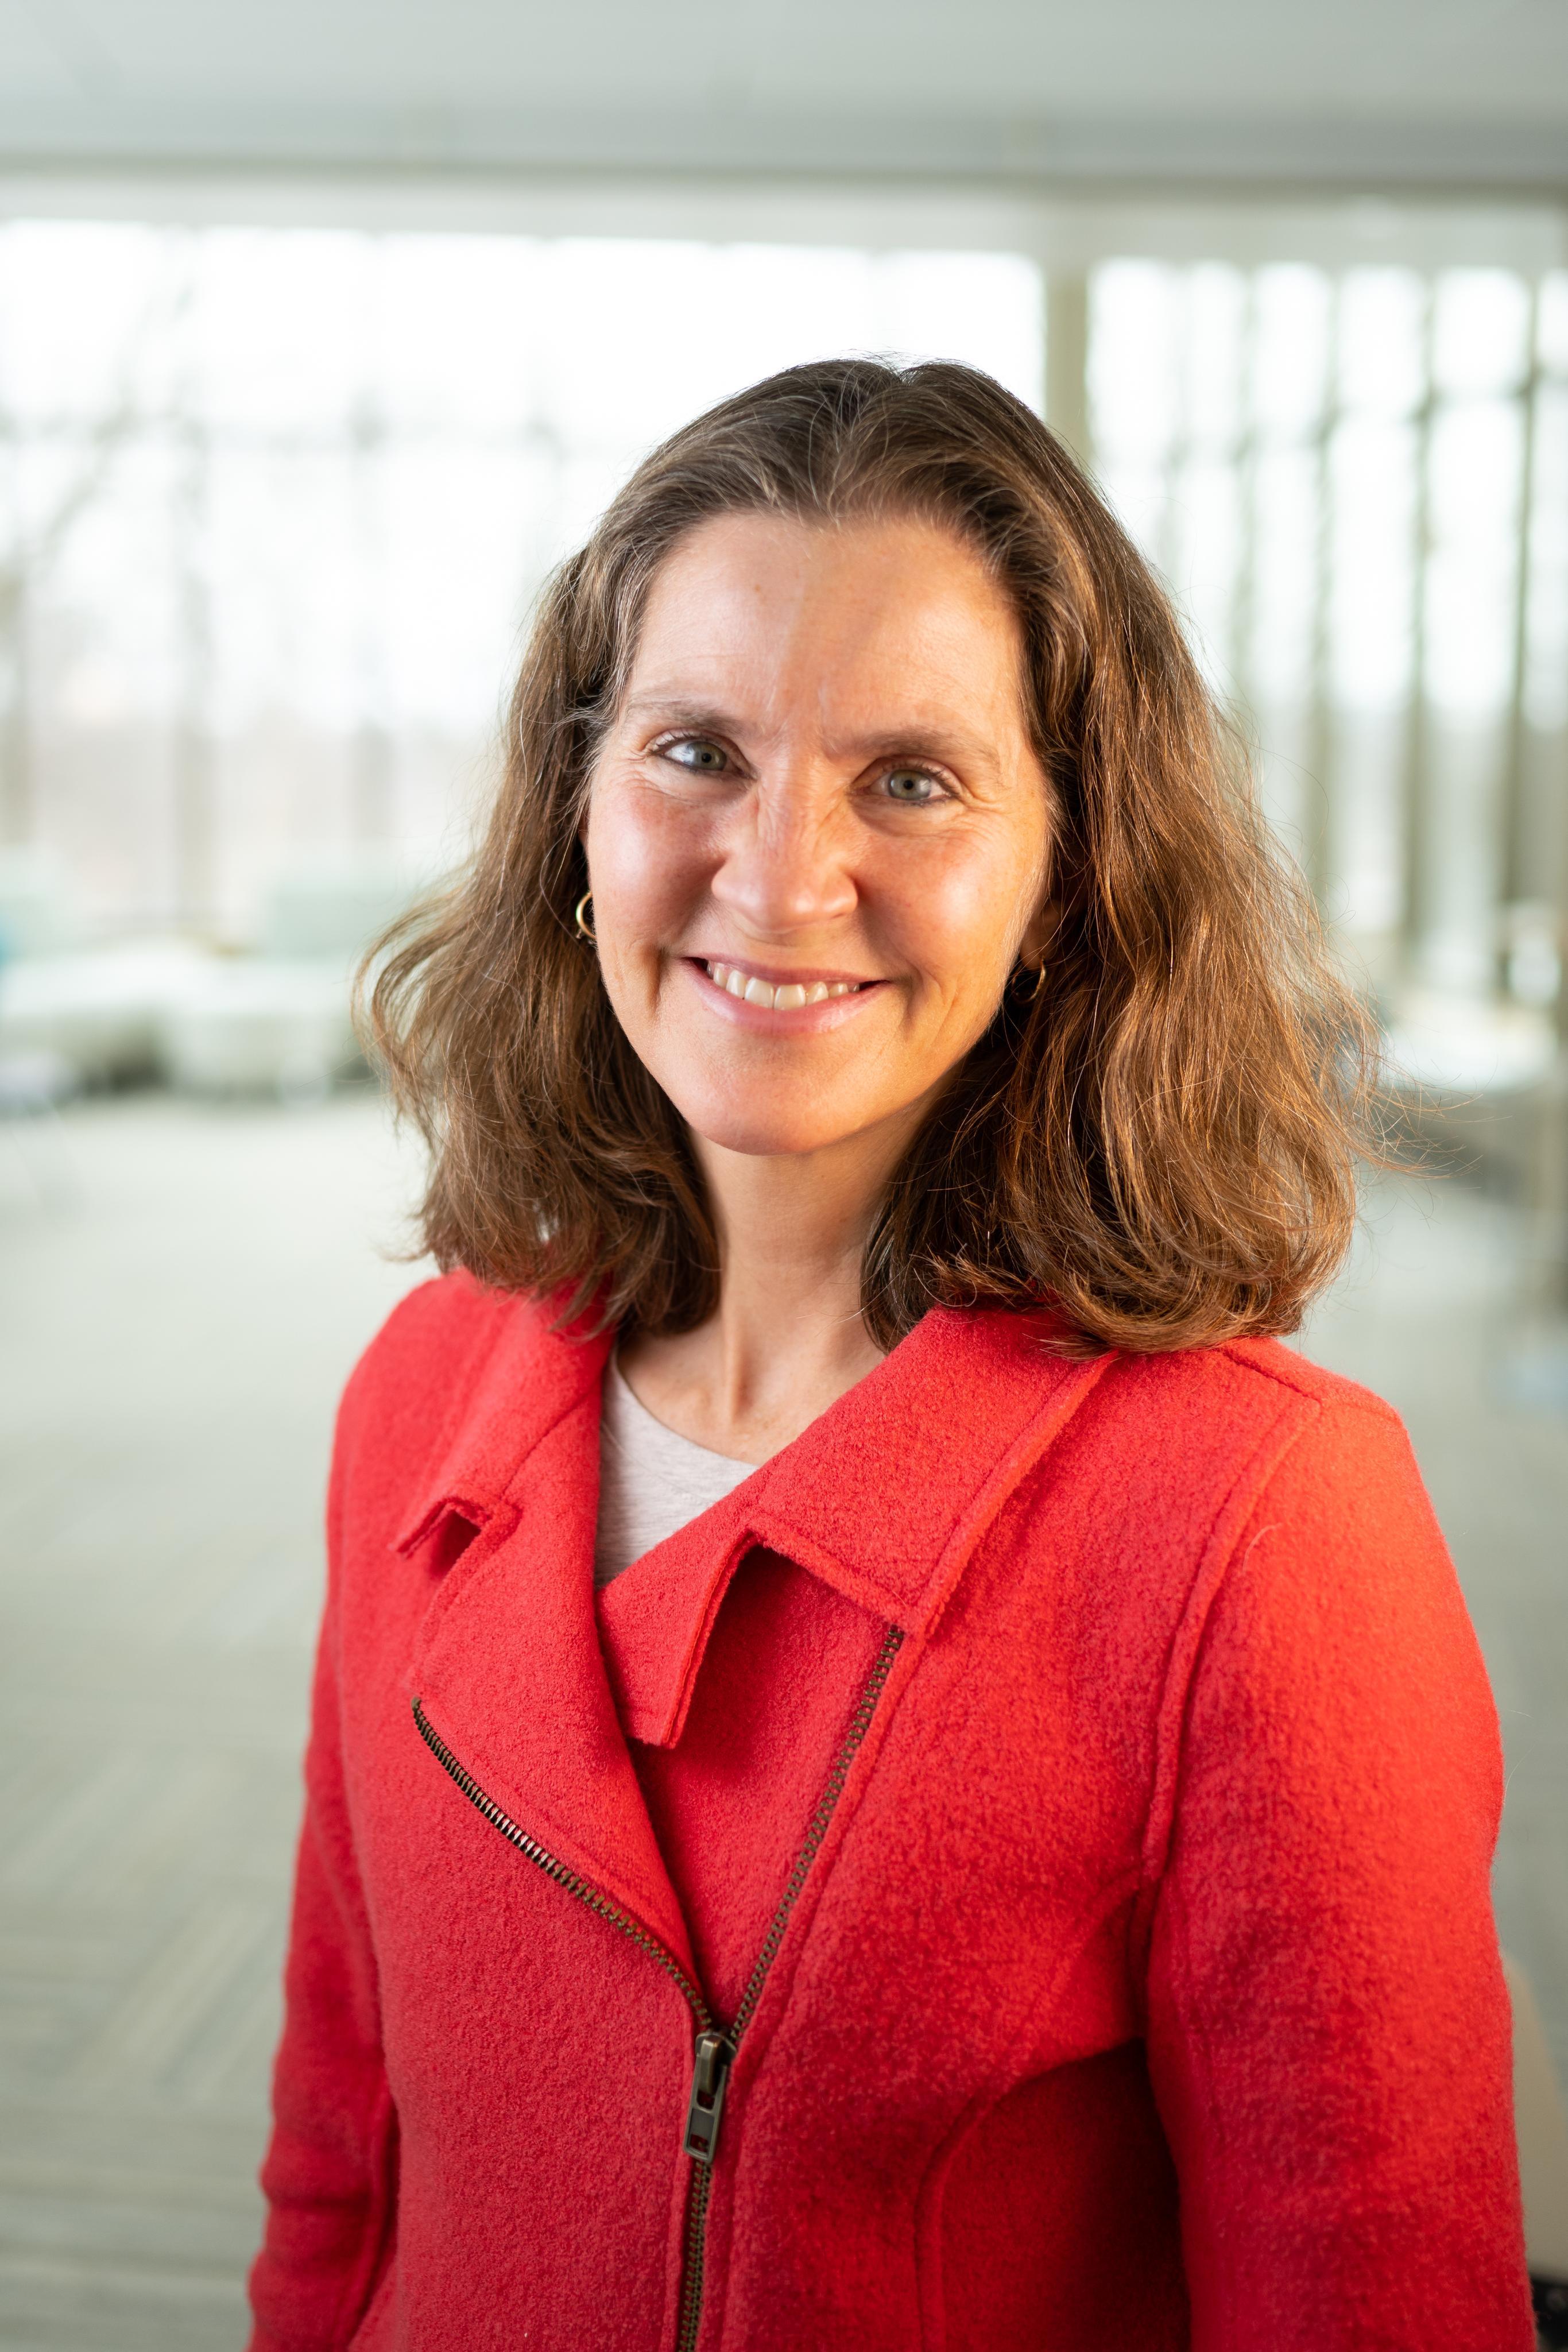 Elizabeth Leer